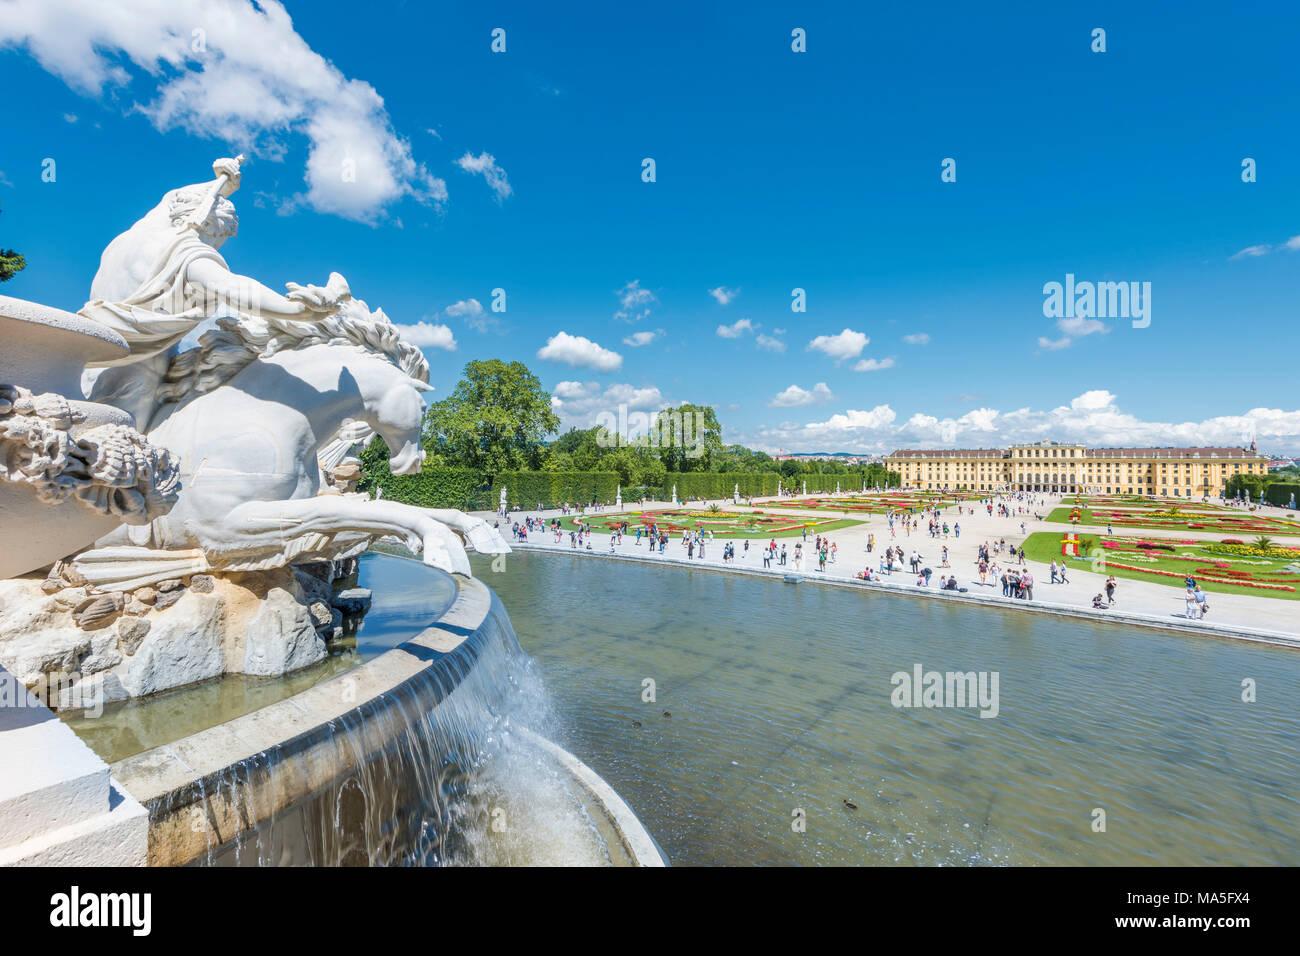 Vienne, Autriche, Europe. Le La Fontaine de Neptune dans les jardins du palais de Schönbrunn. Photo Stock